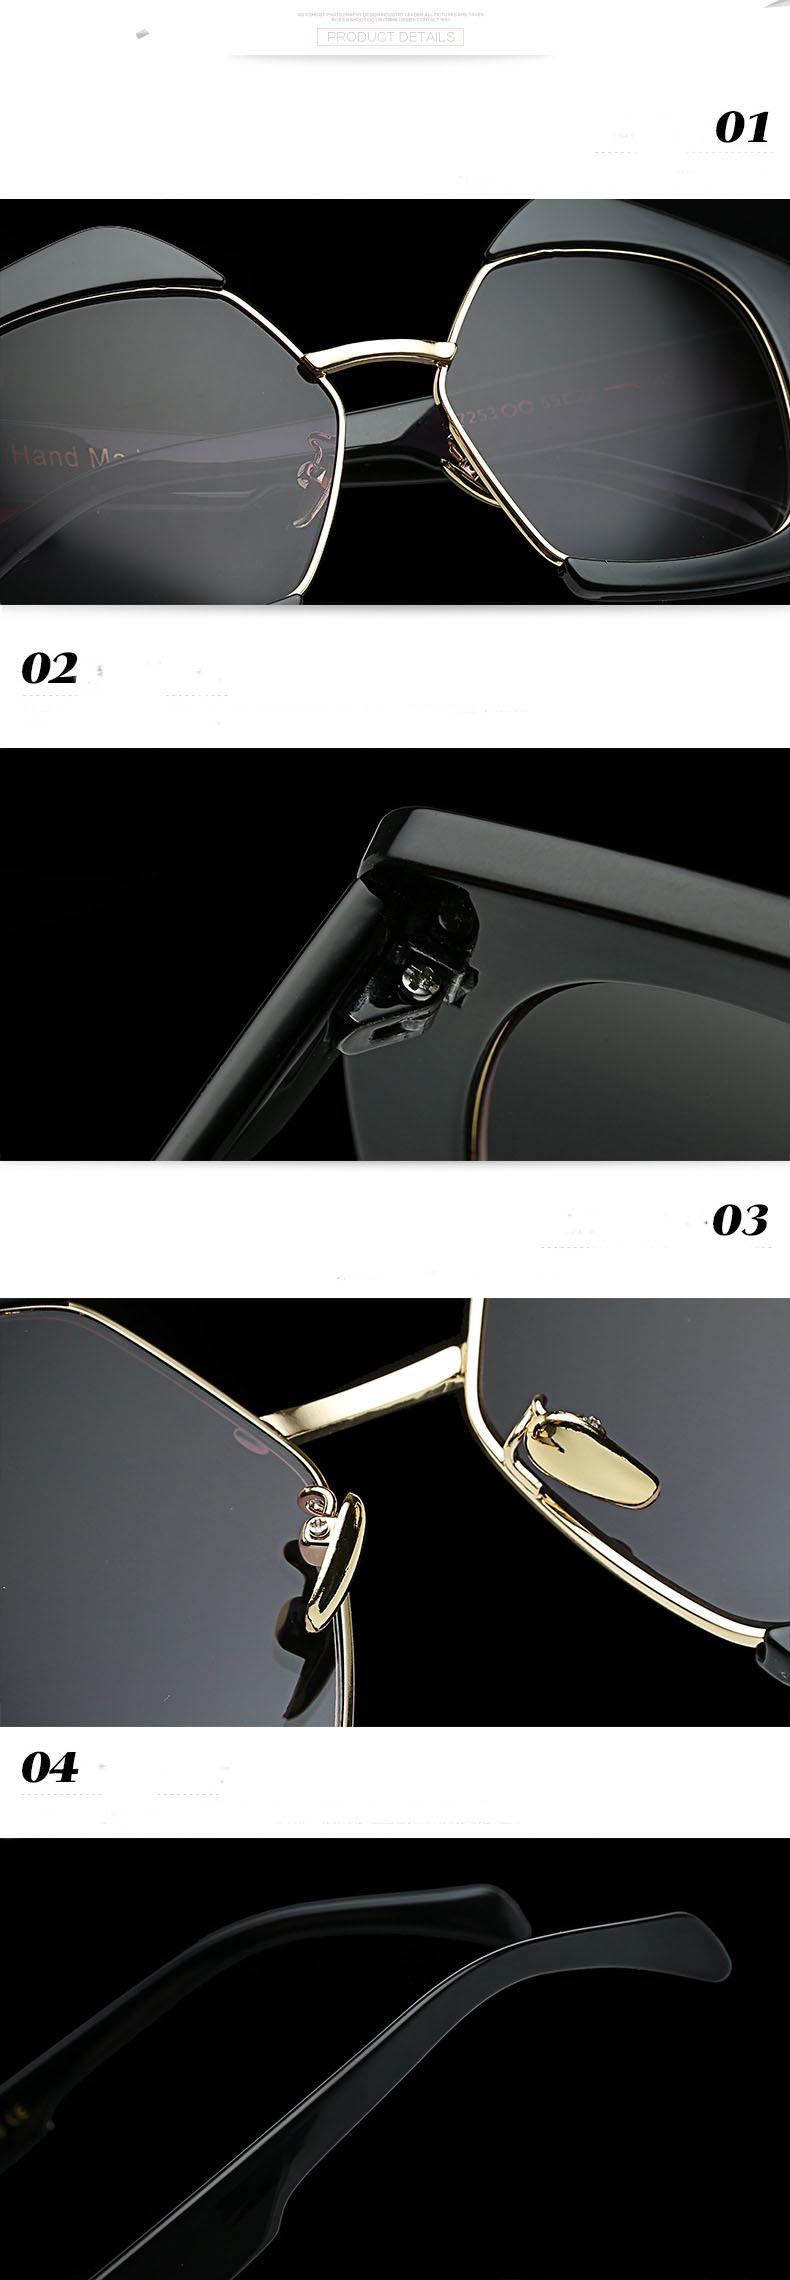 HTB1qt6PPpXXXXc7XVXXq6xXFXXXv - 2017 New Sunglasses Women Brand Designer Semi-Rimless Cat Eye Fashion Sun Glasses for Ladies Pink Oculos De Female Gafas